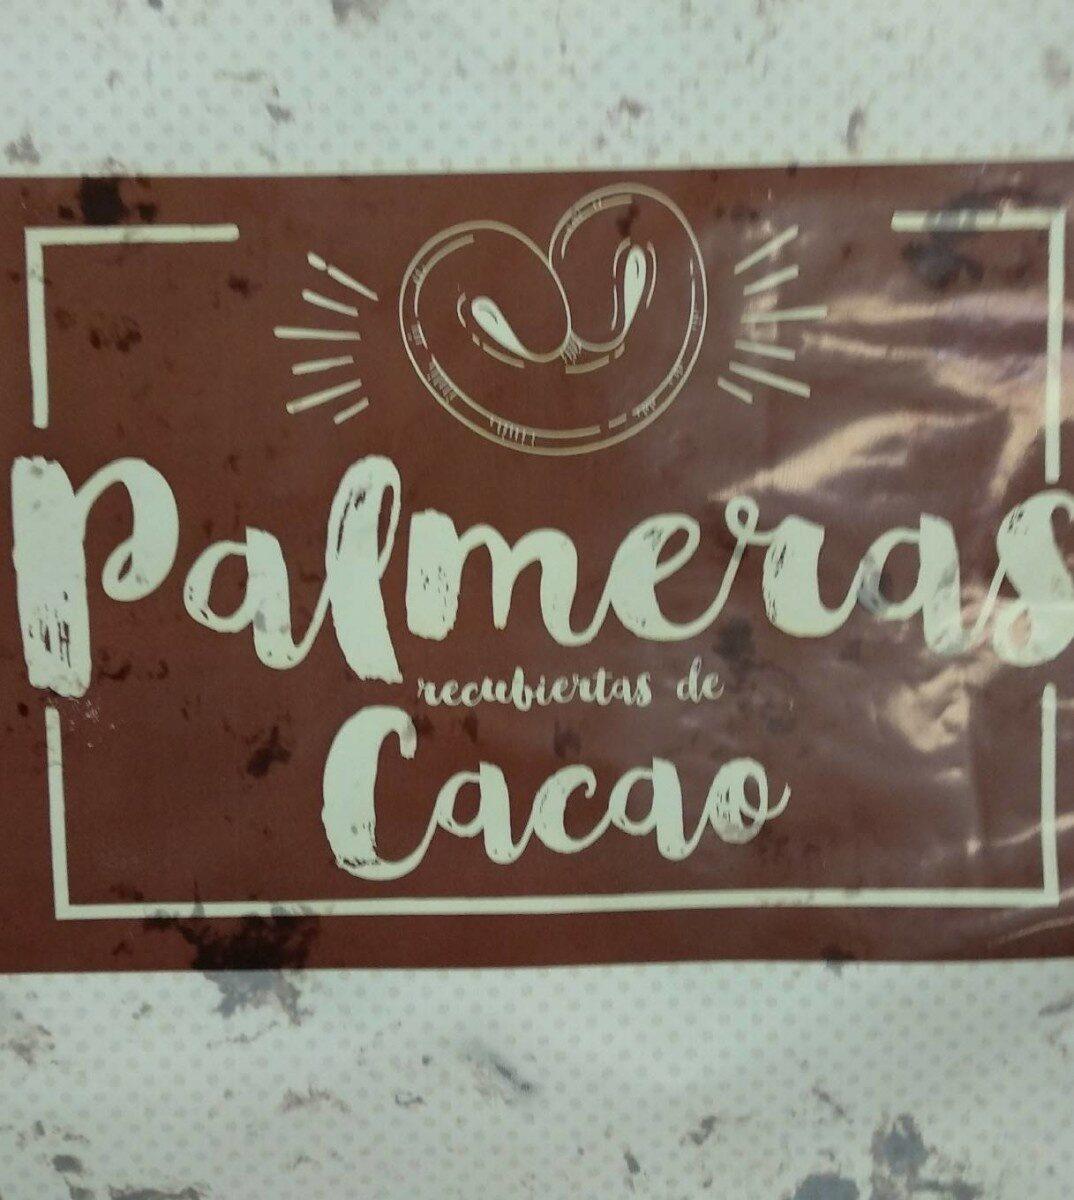 Palmeras recubiertas de cacao - Product